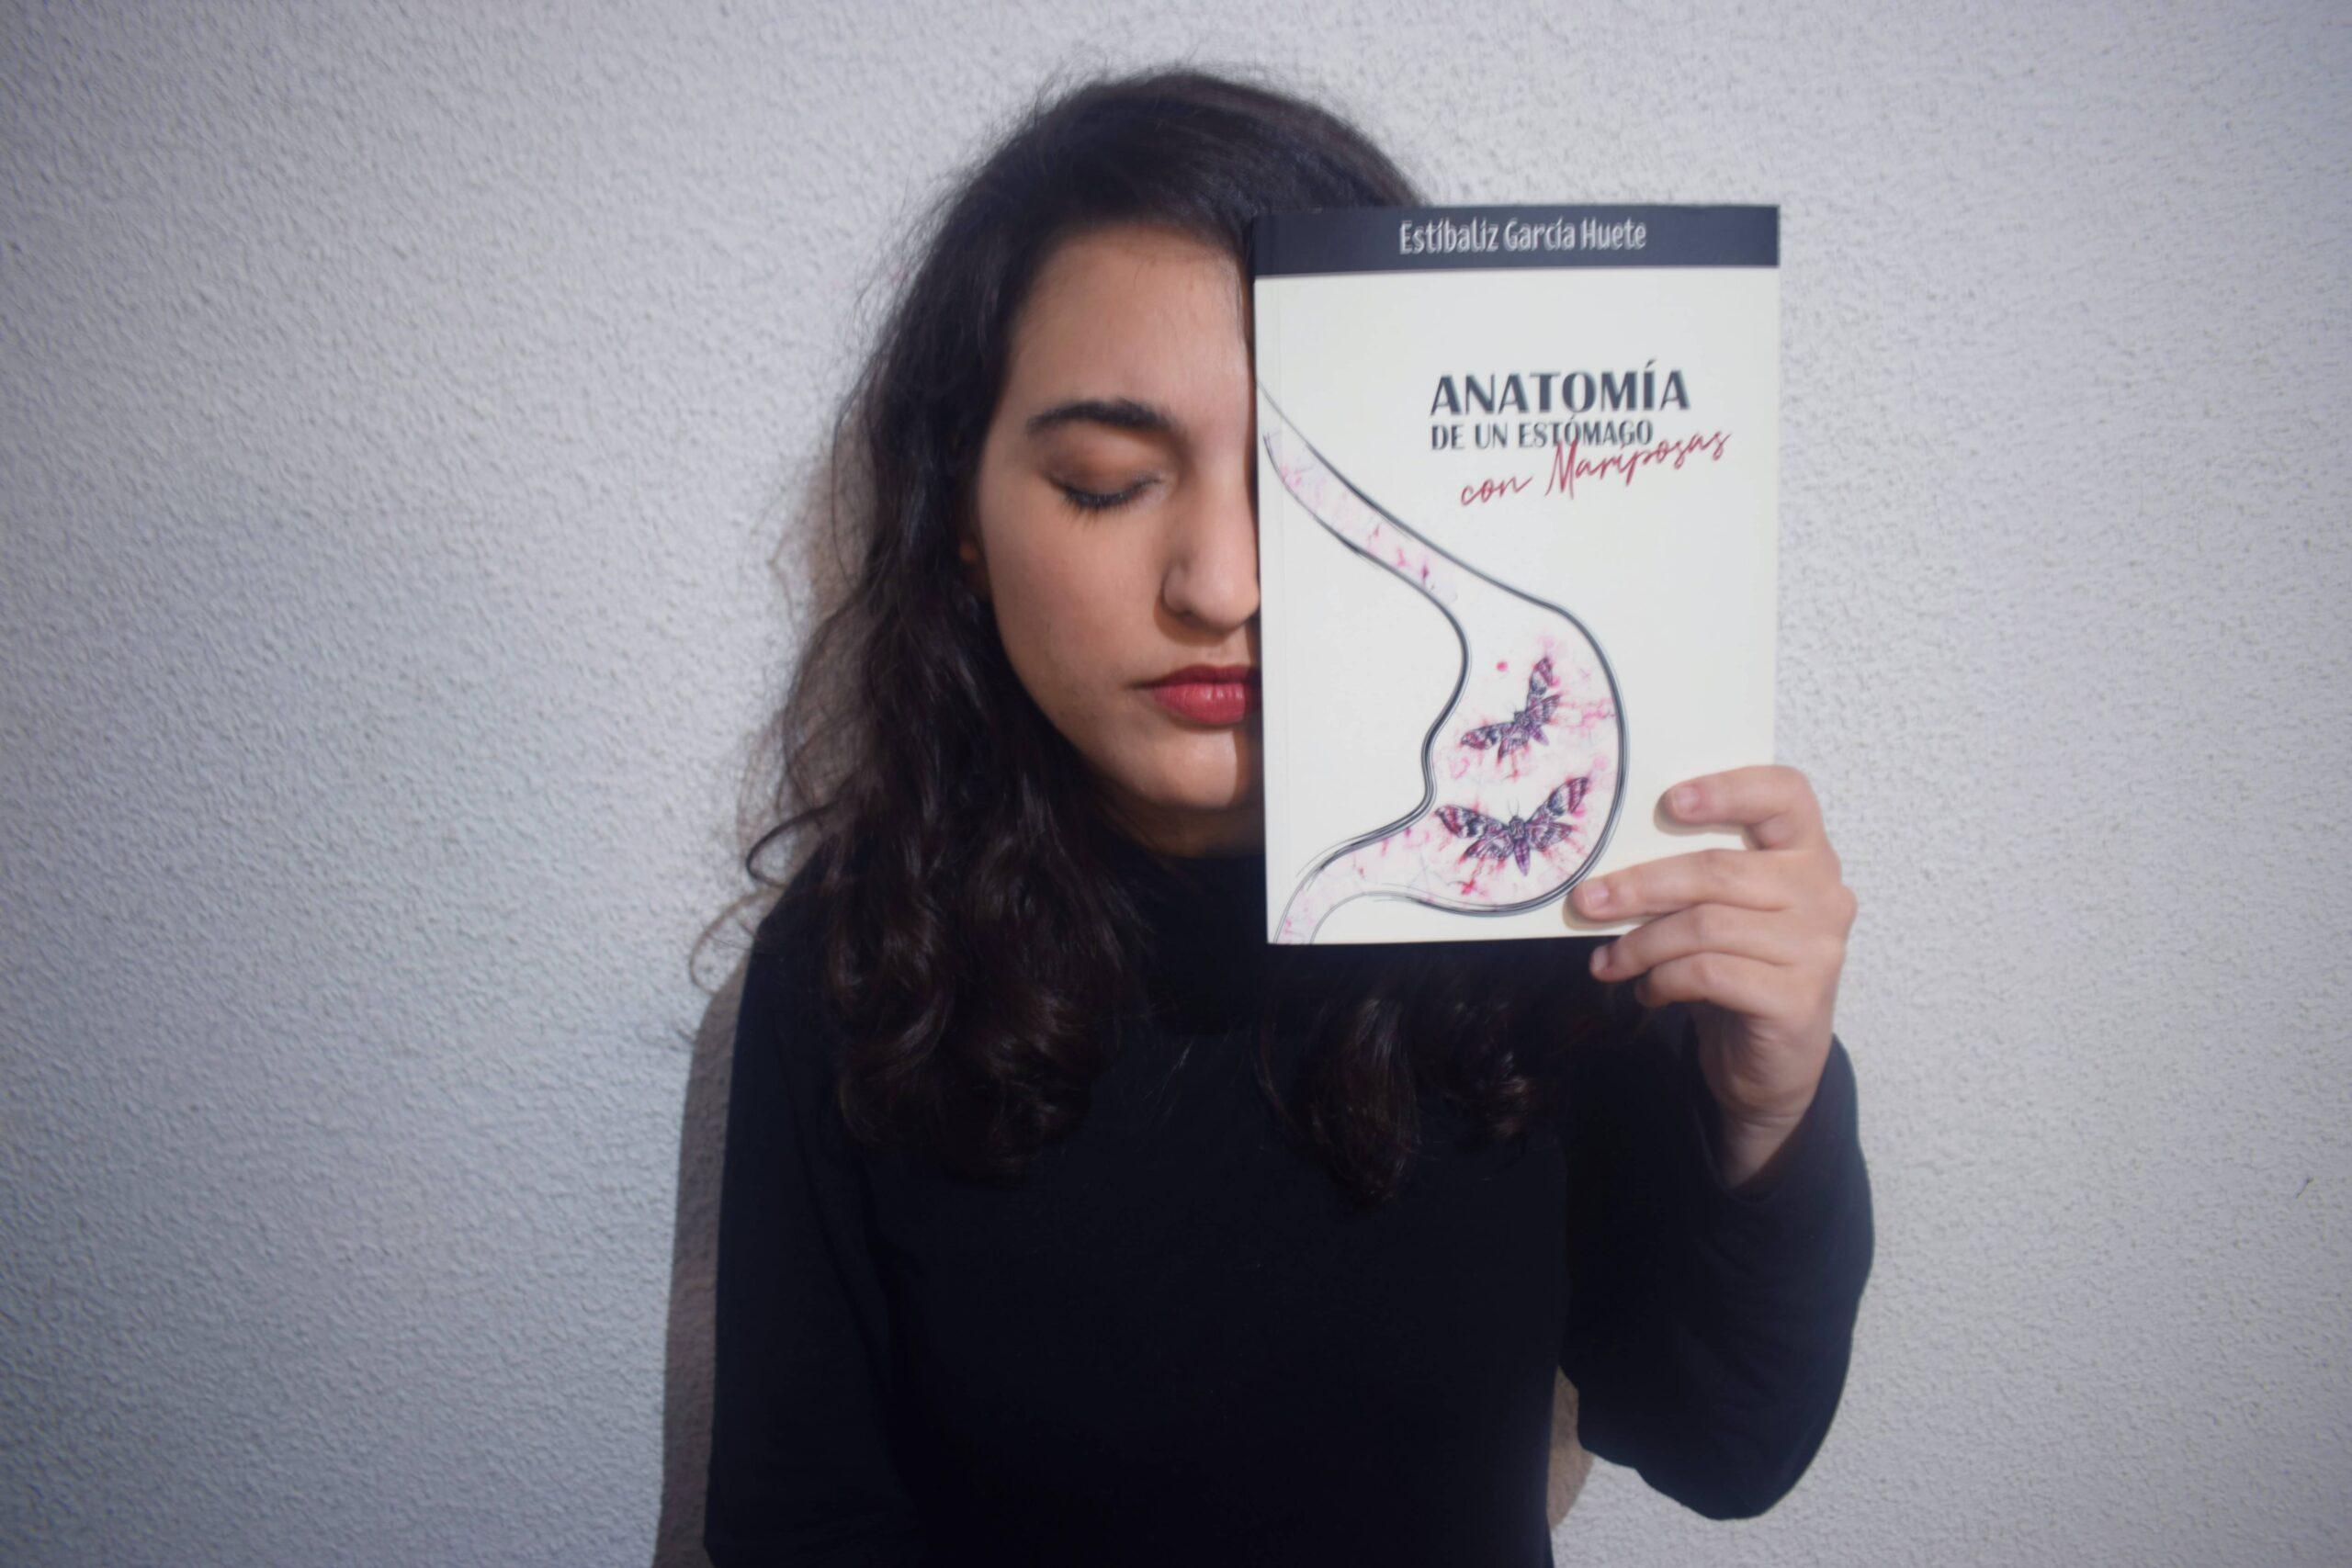 """Conoce a Estíbaliz García Huete, autora de """"Anatomía de un estómago con mariposas"""""""